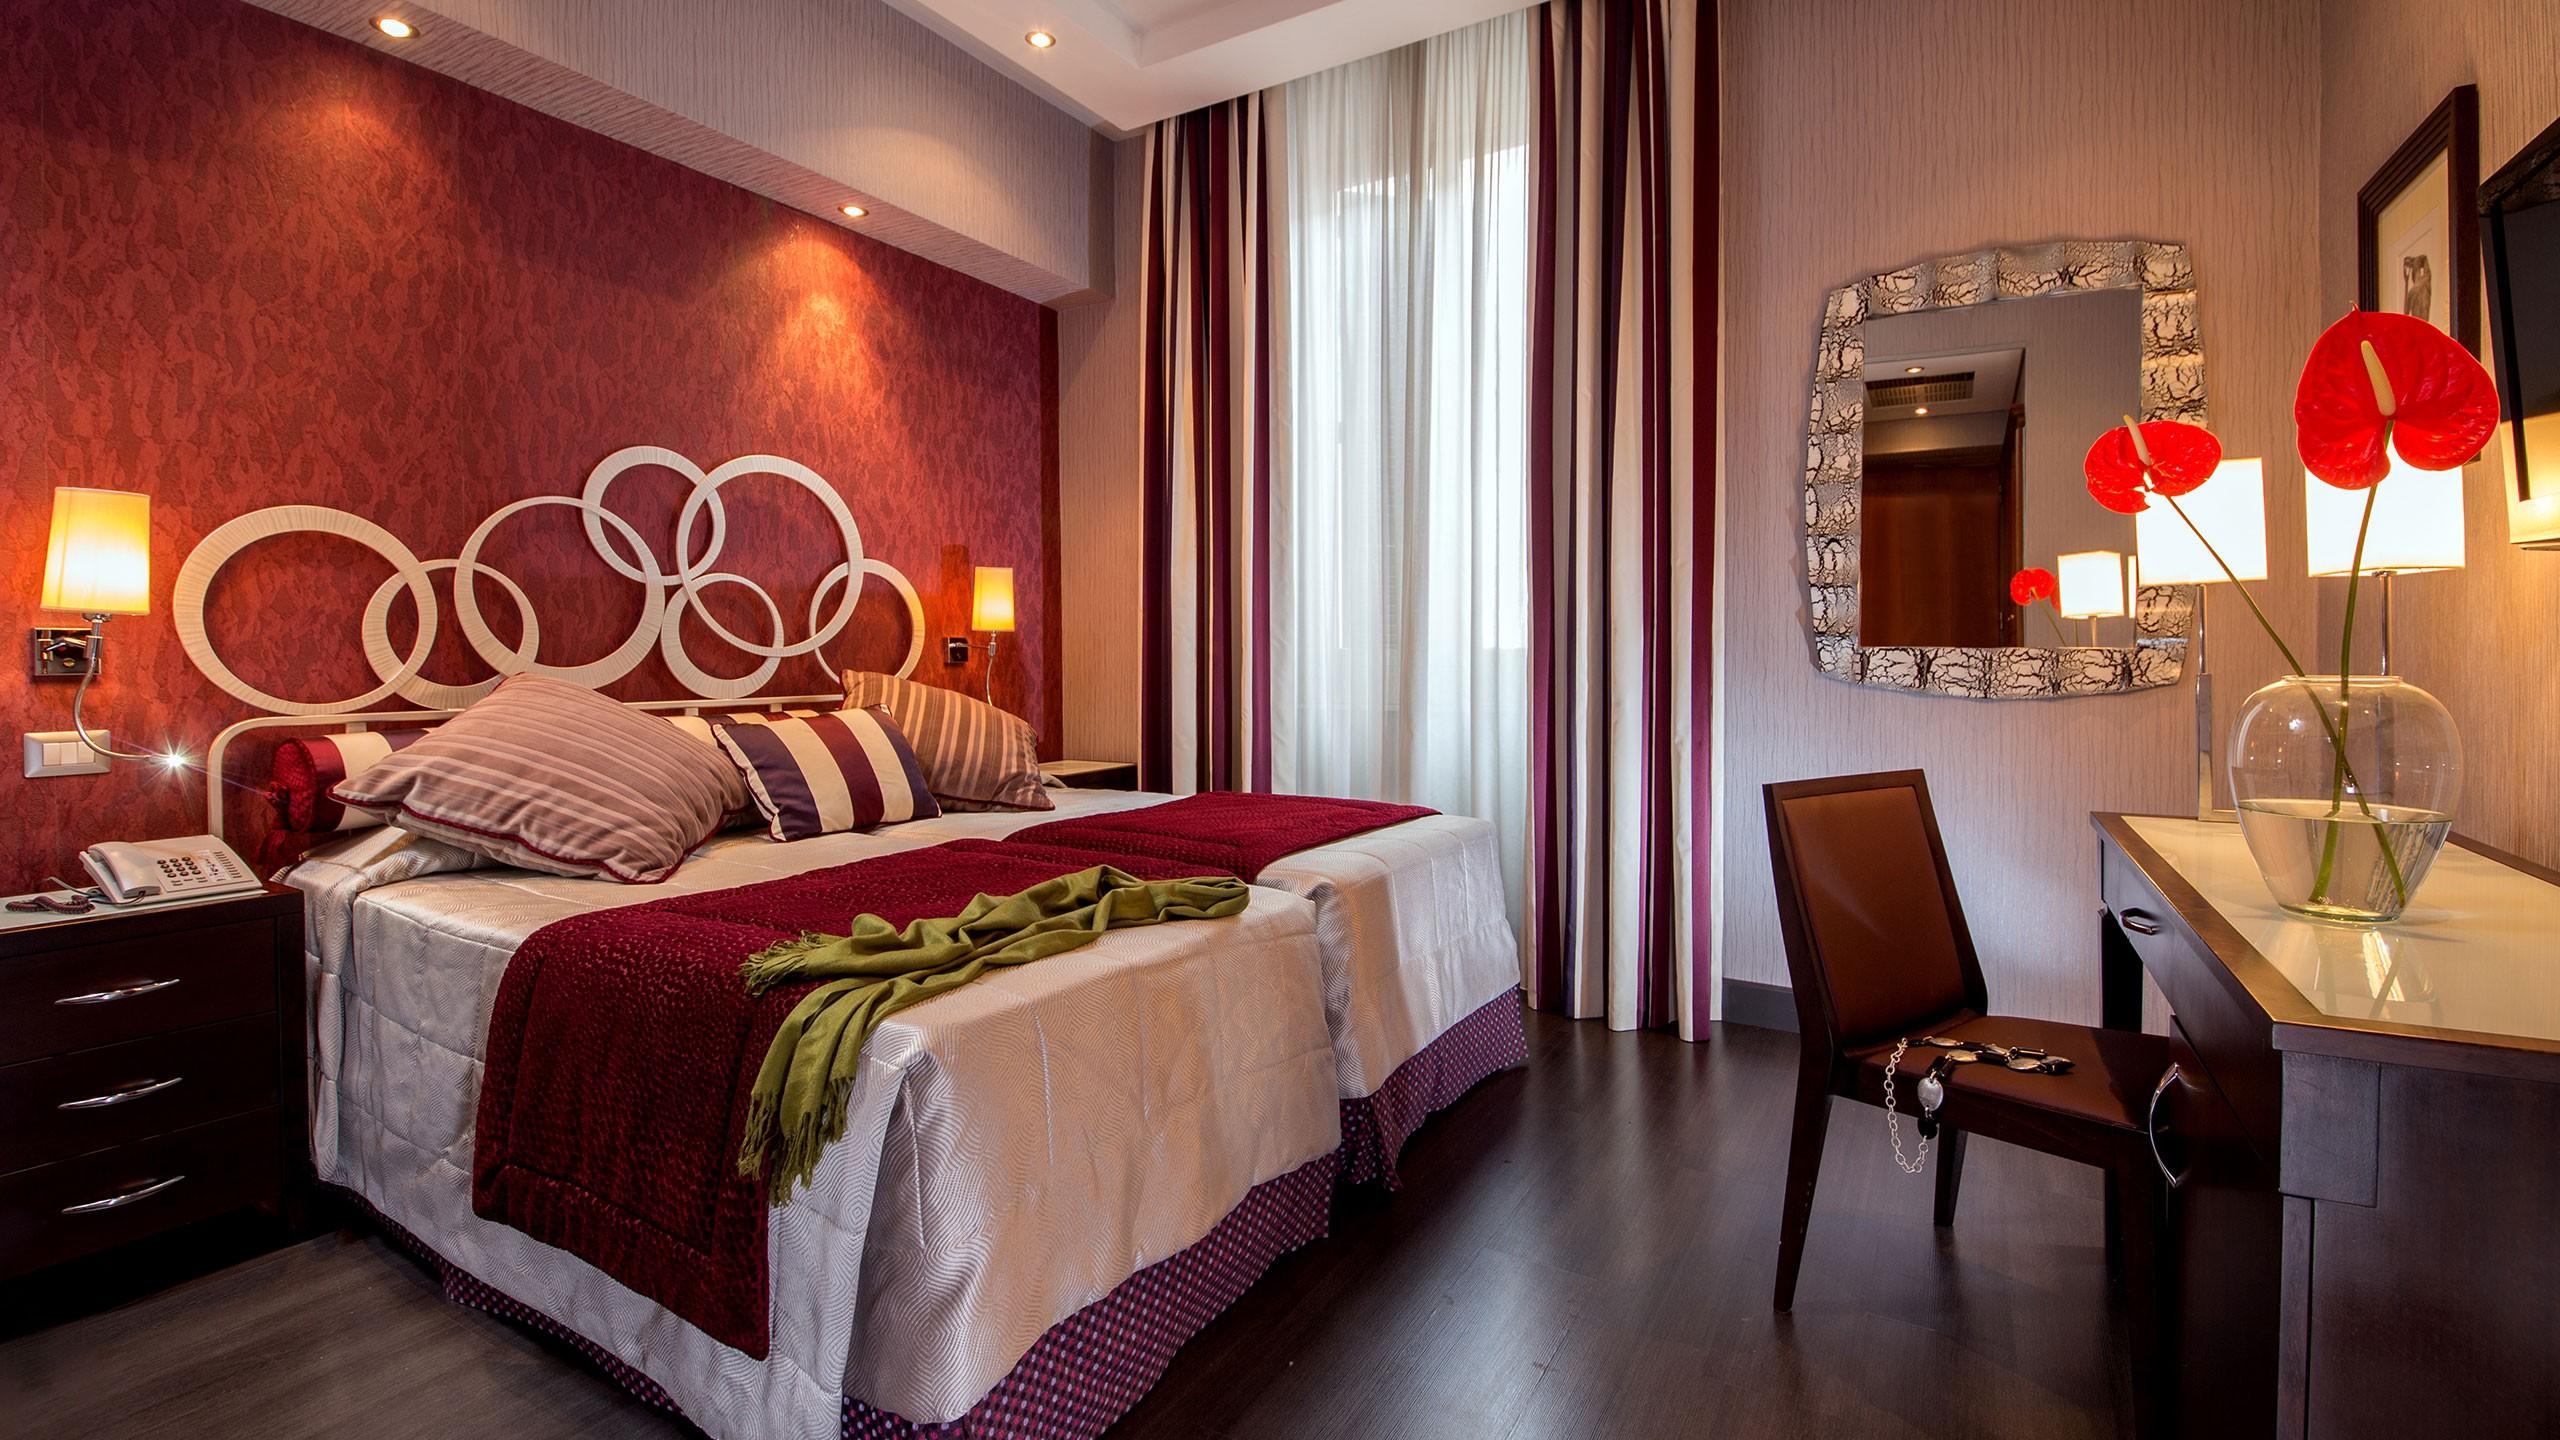 Hotel-Morgana-Rom-Executive-room-2